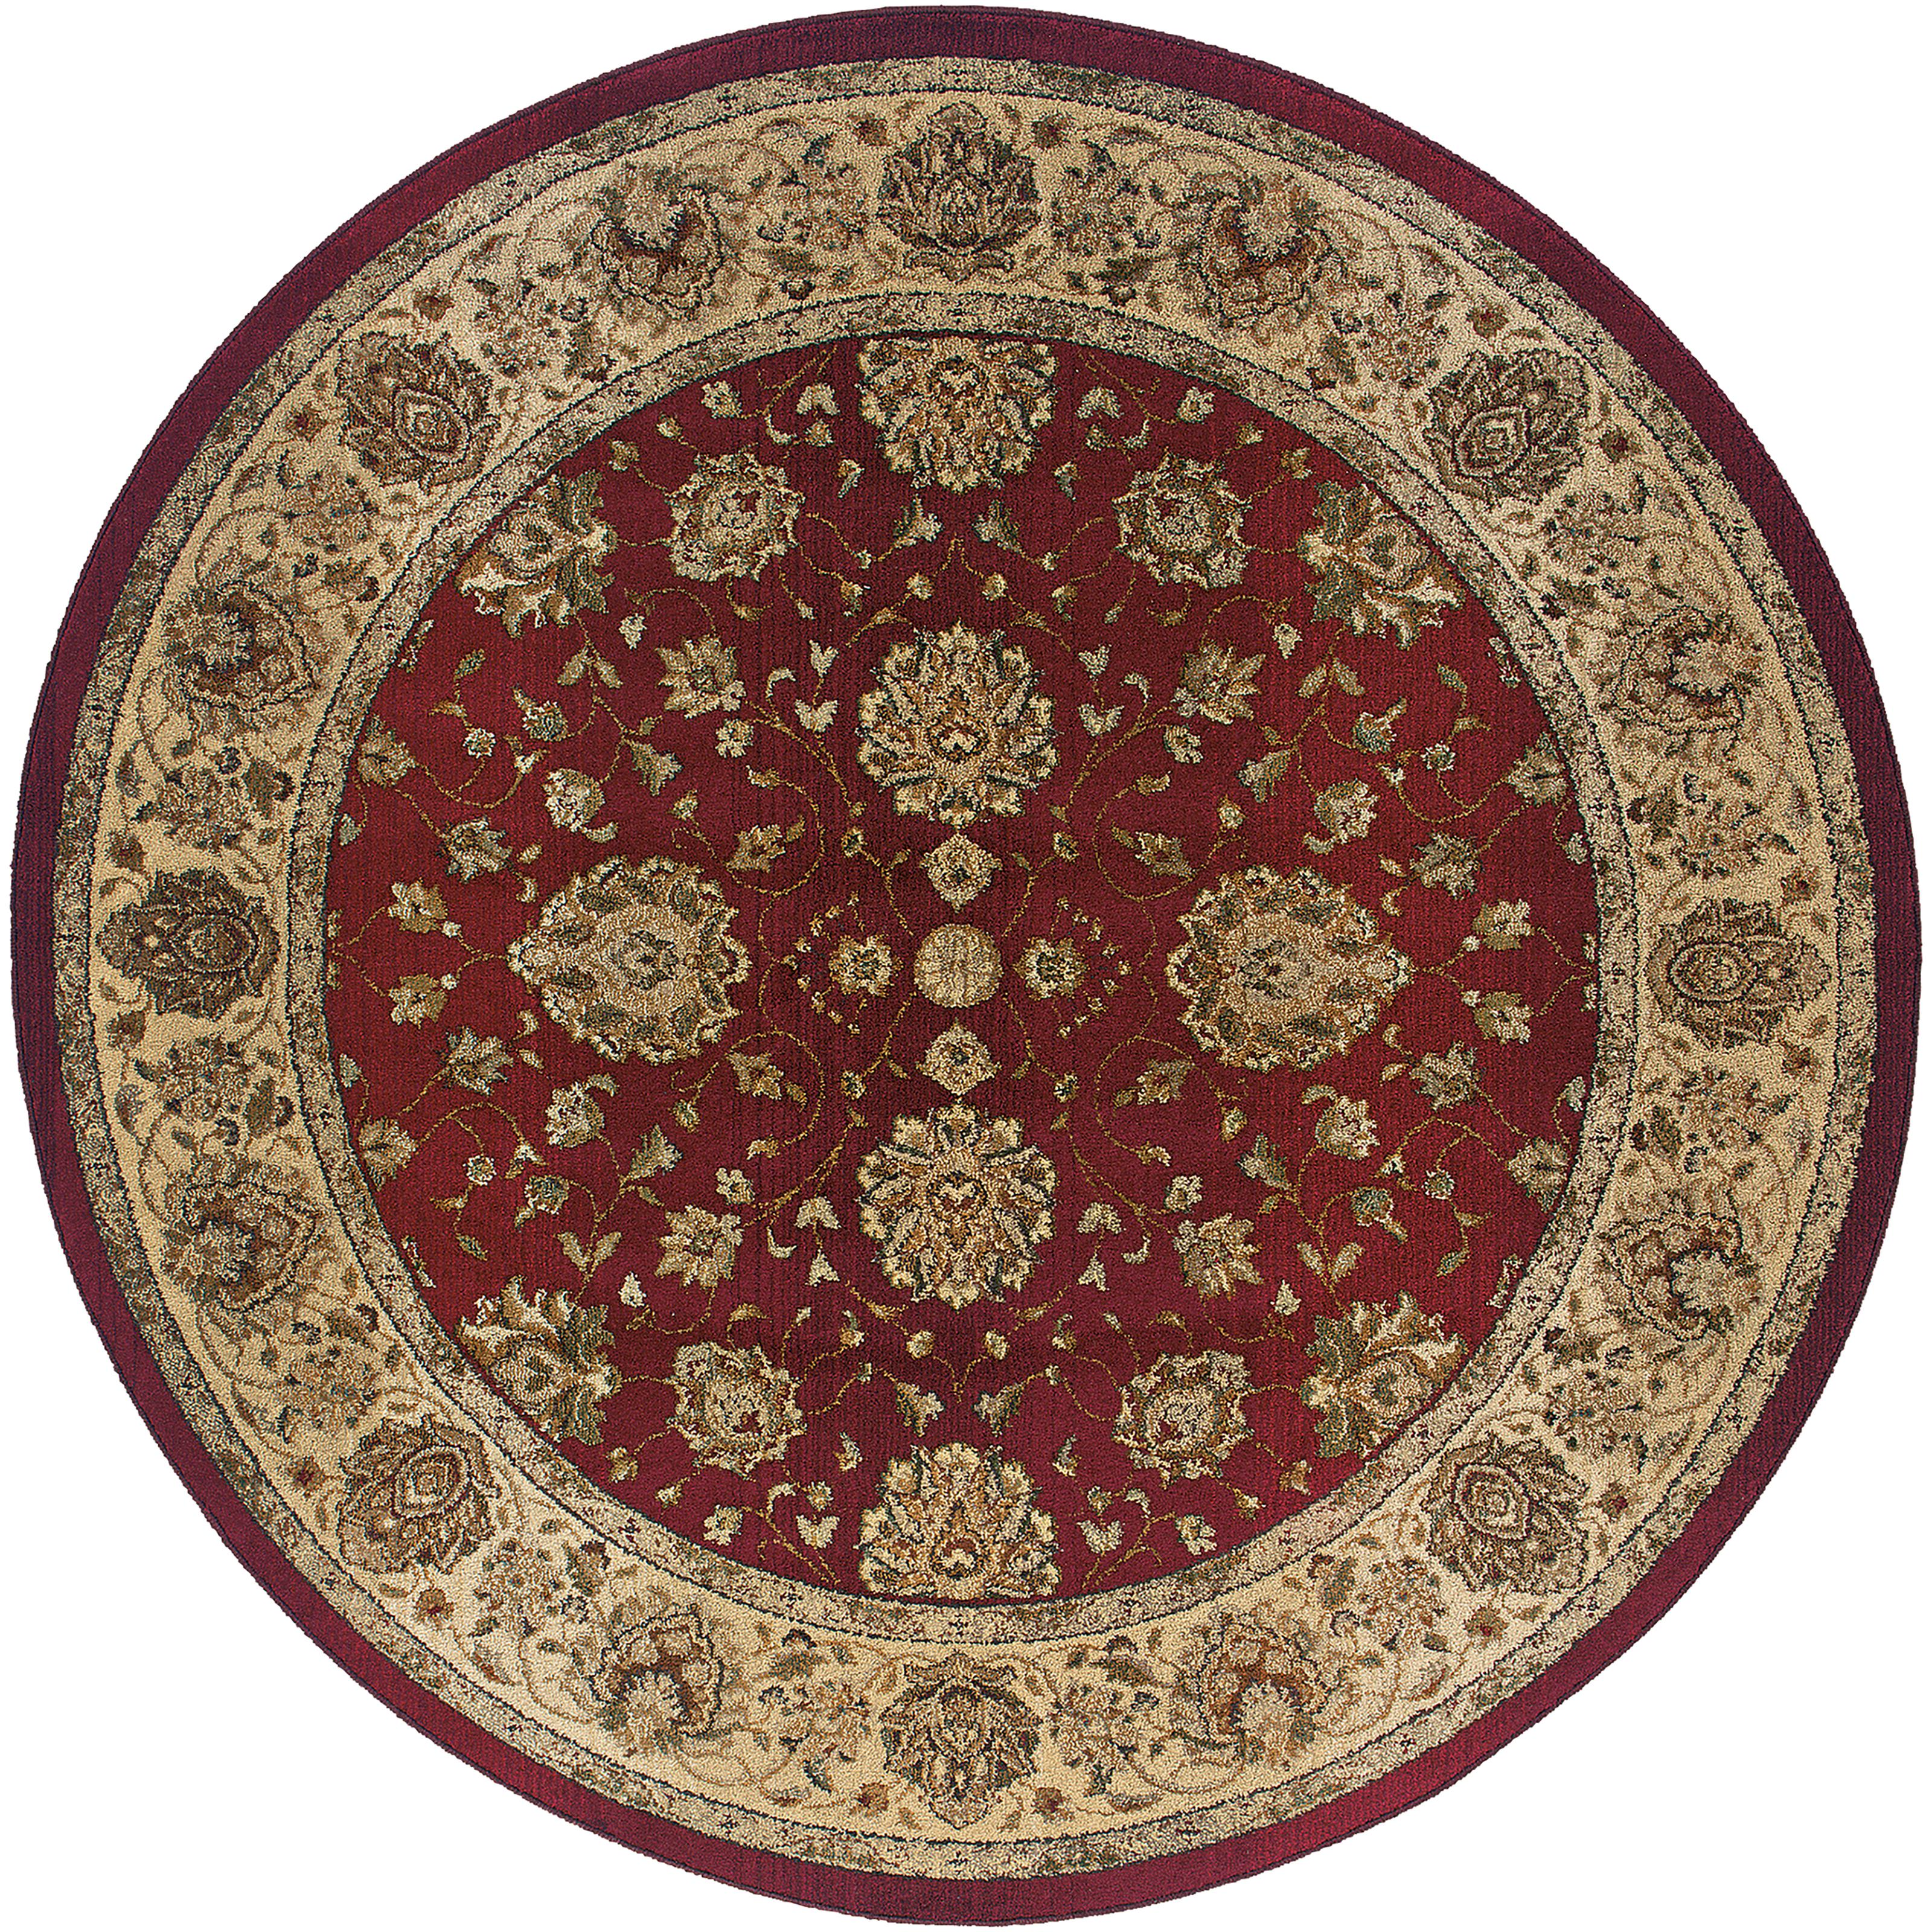 Oriental Weavers Genesis 8' Rug - Item Number: G035R1240240ST